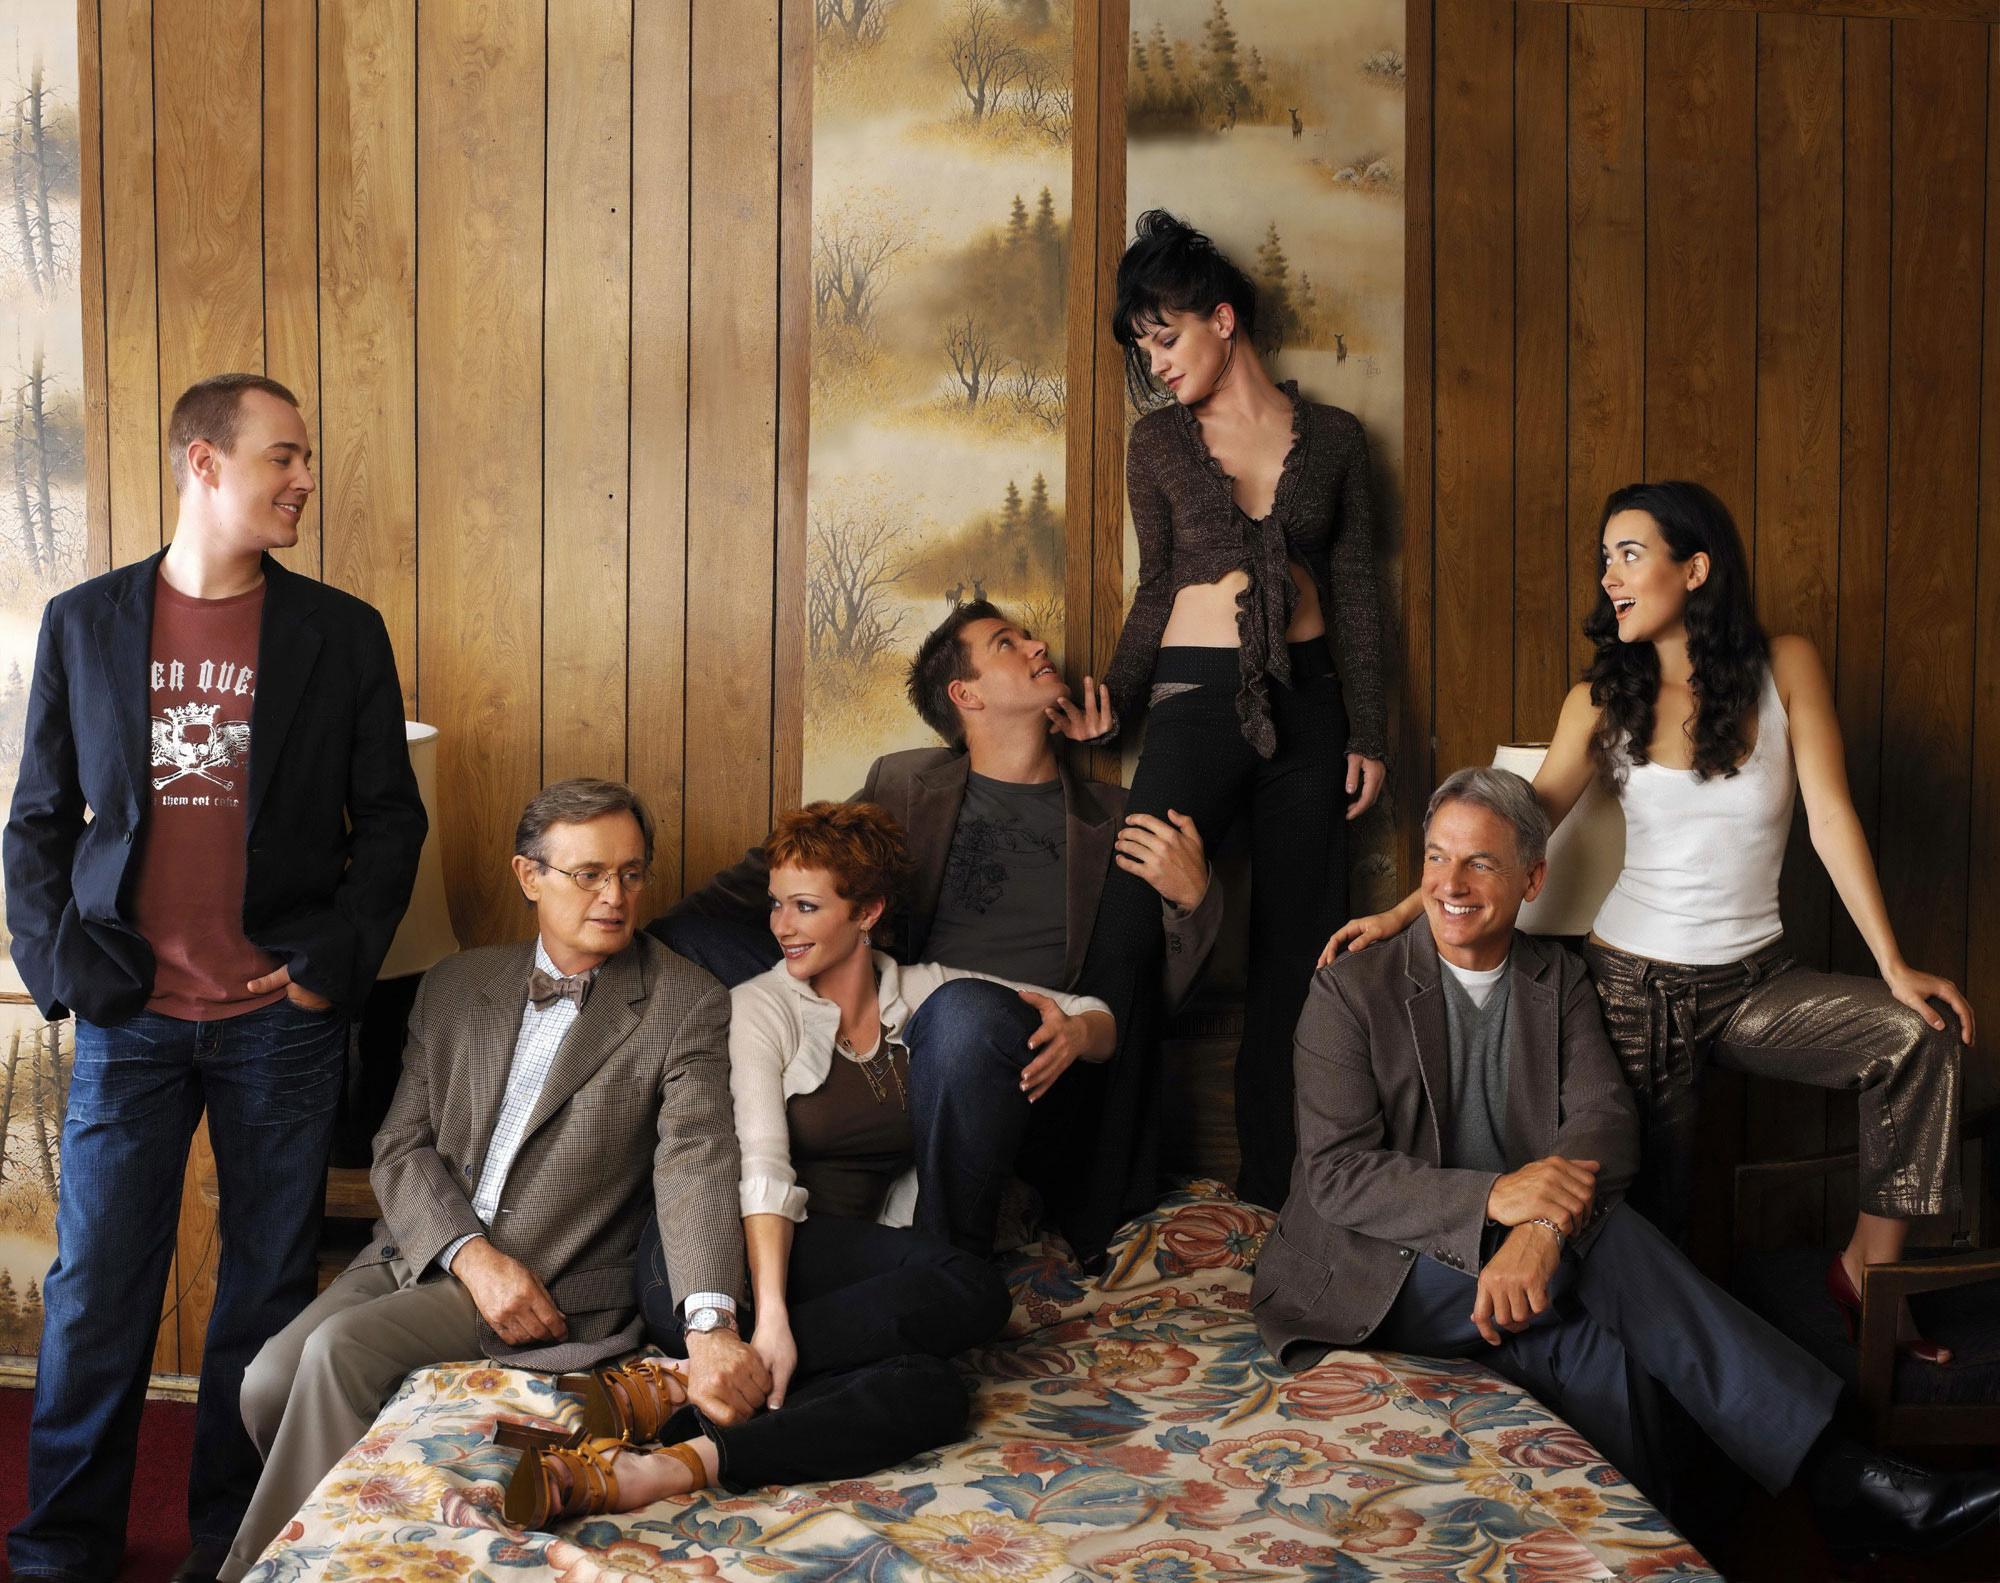 NCIS La TV Show Cast